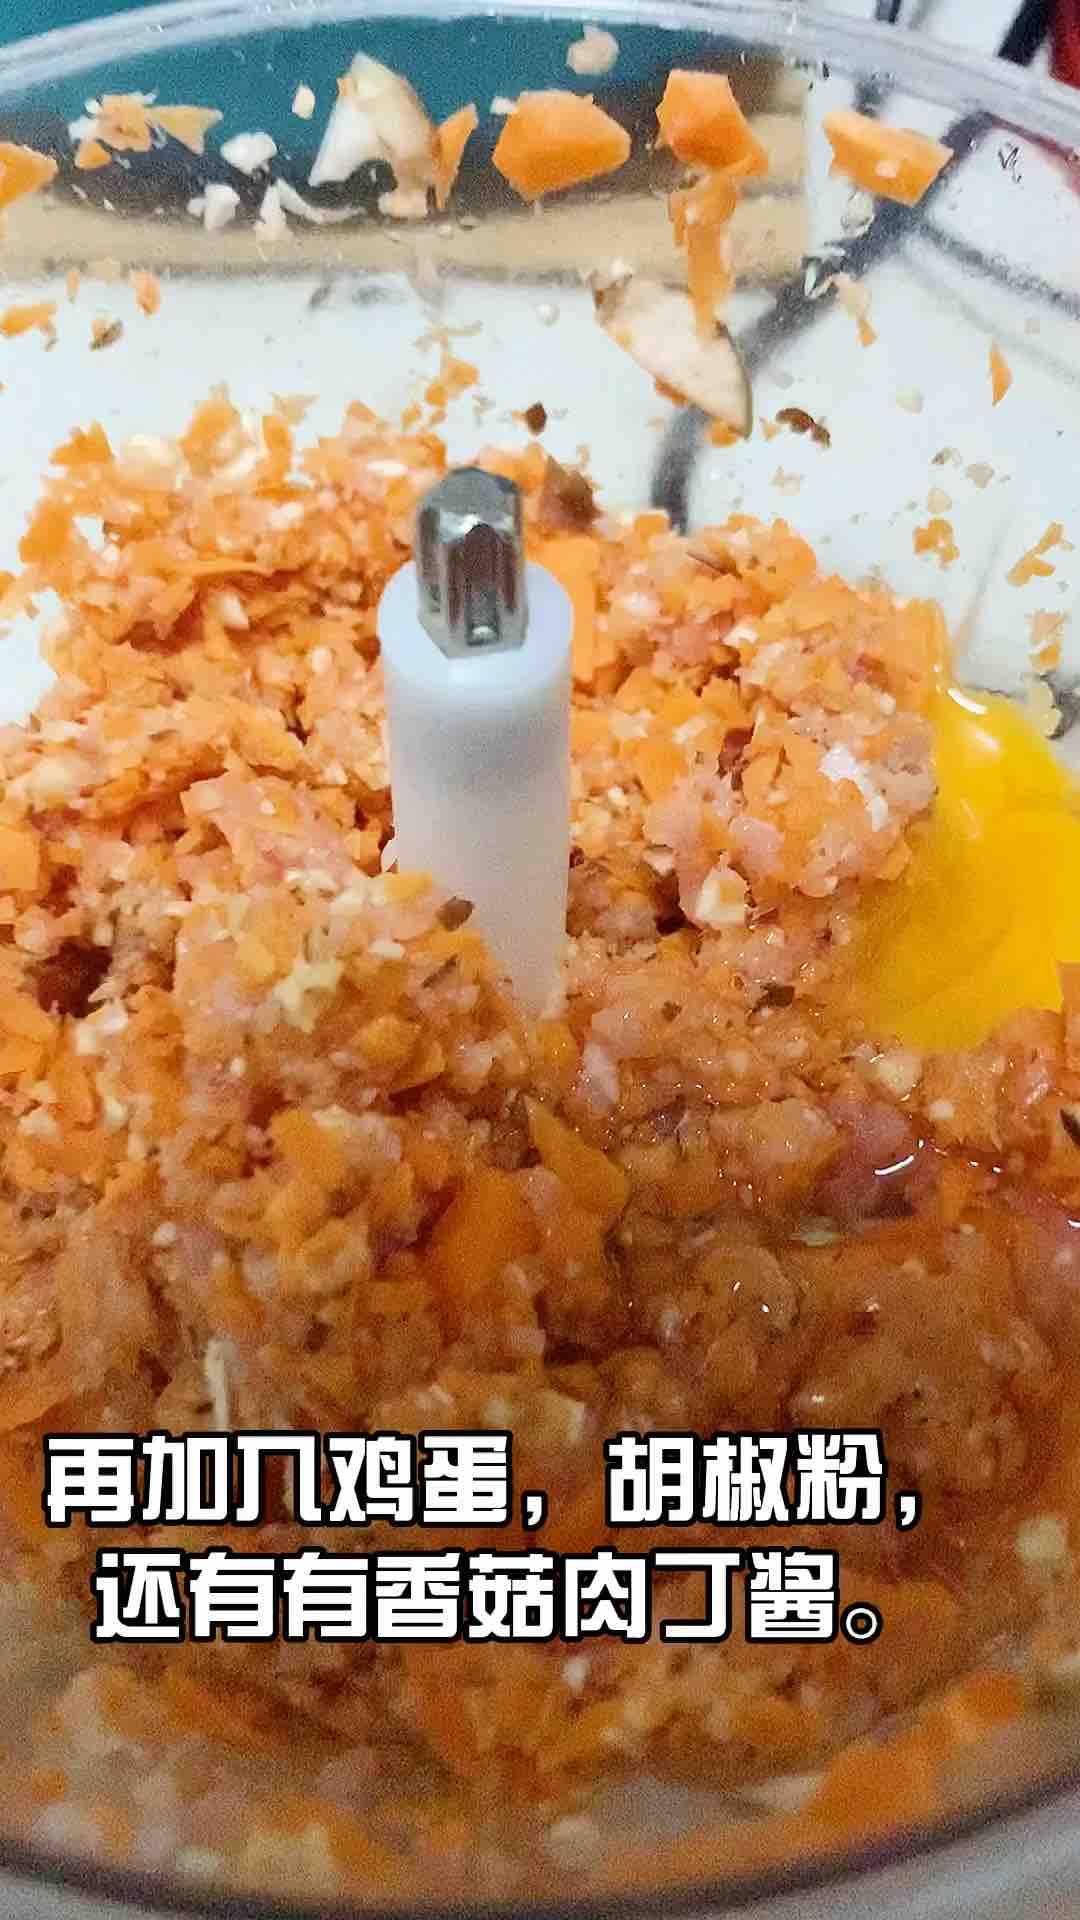 酱香胡萝卜饺子的家常做法